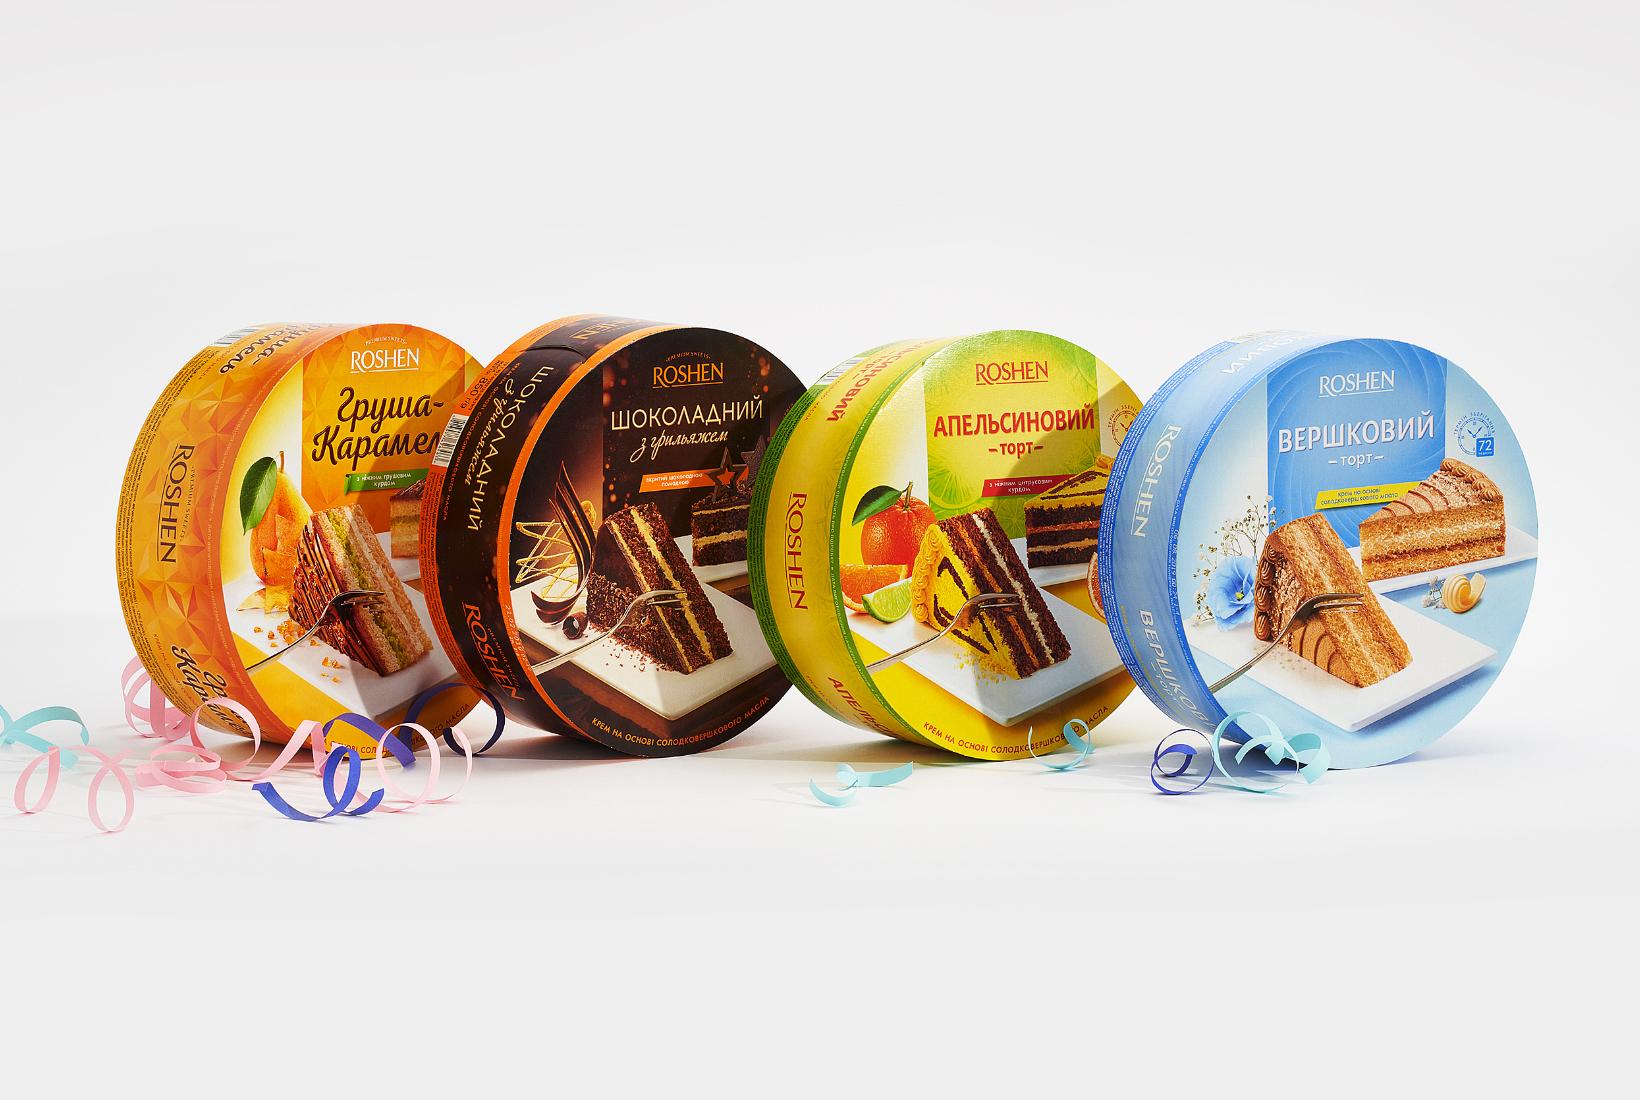 дизайн упаковки тортов Roshen round cake